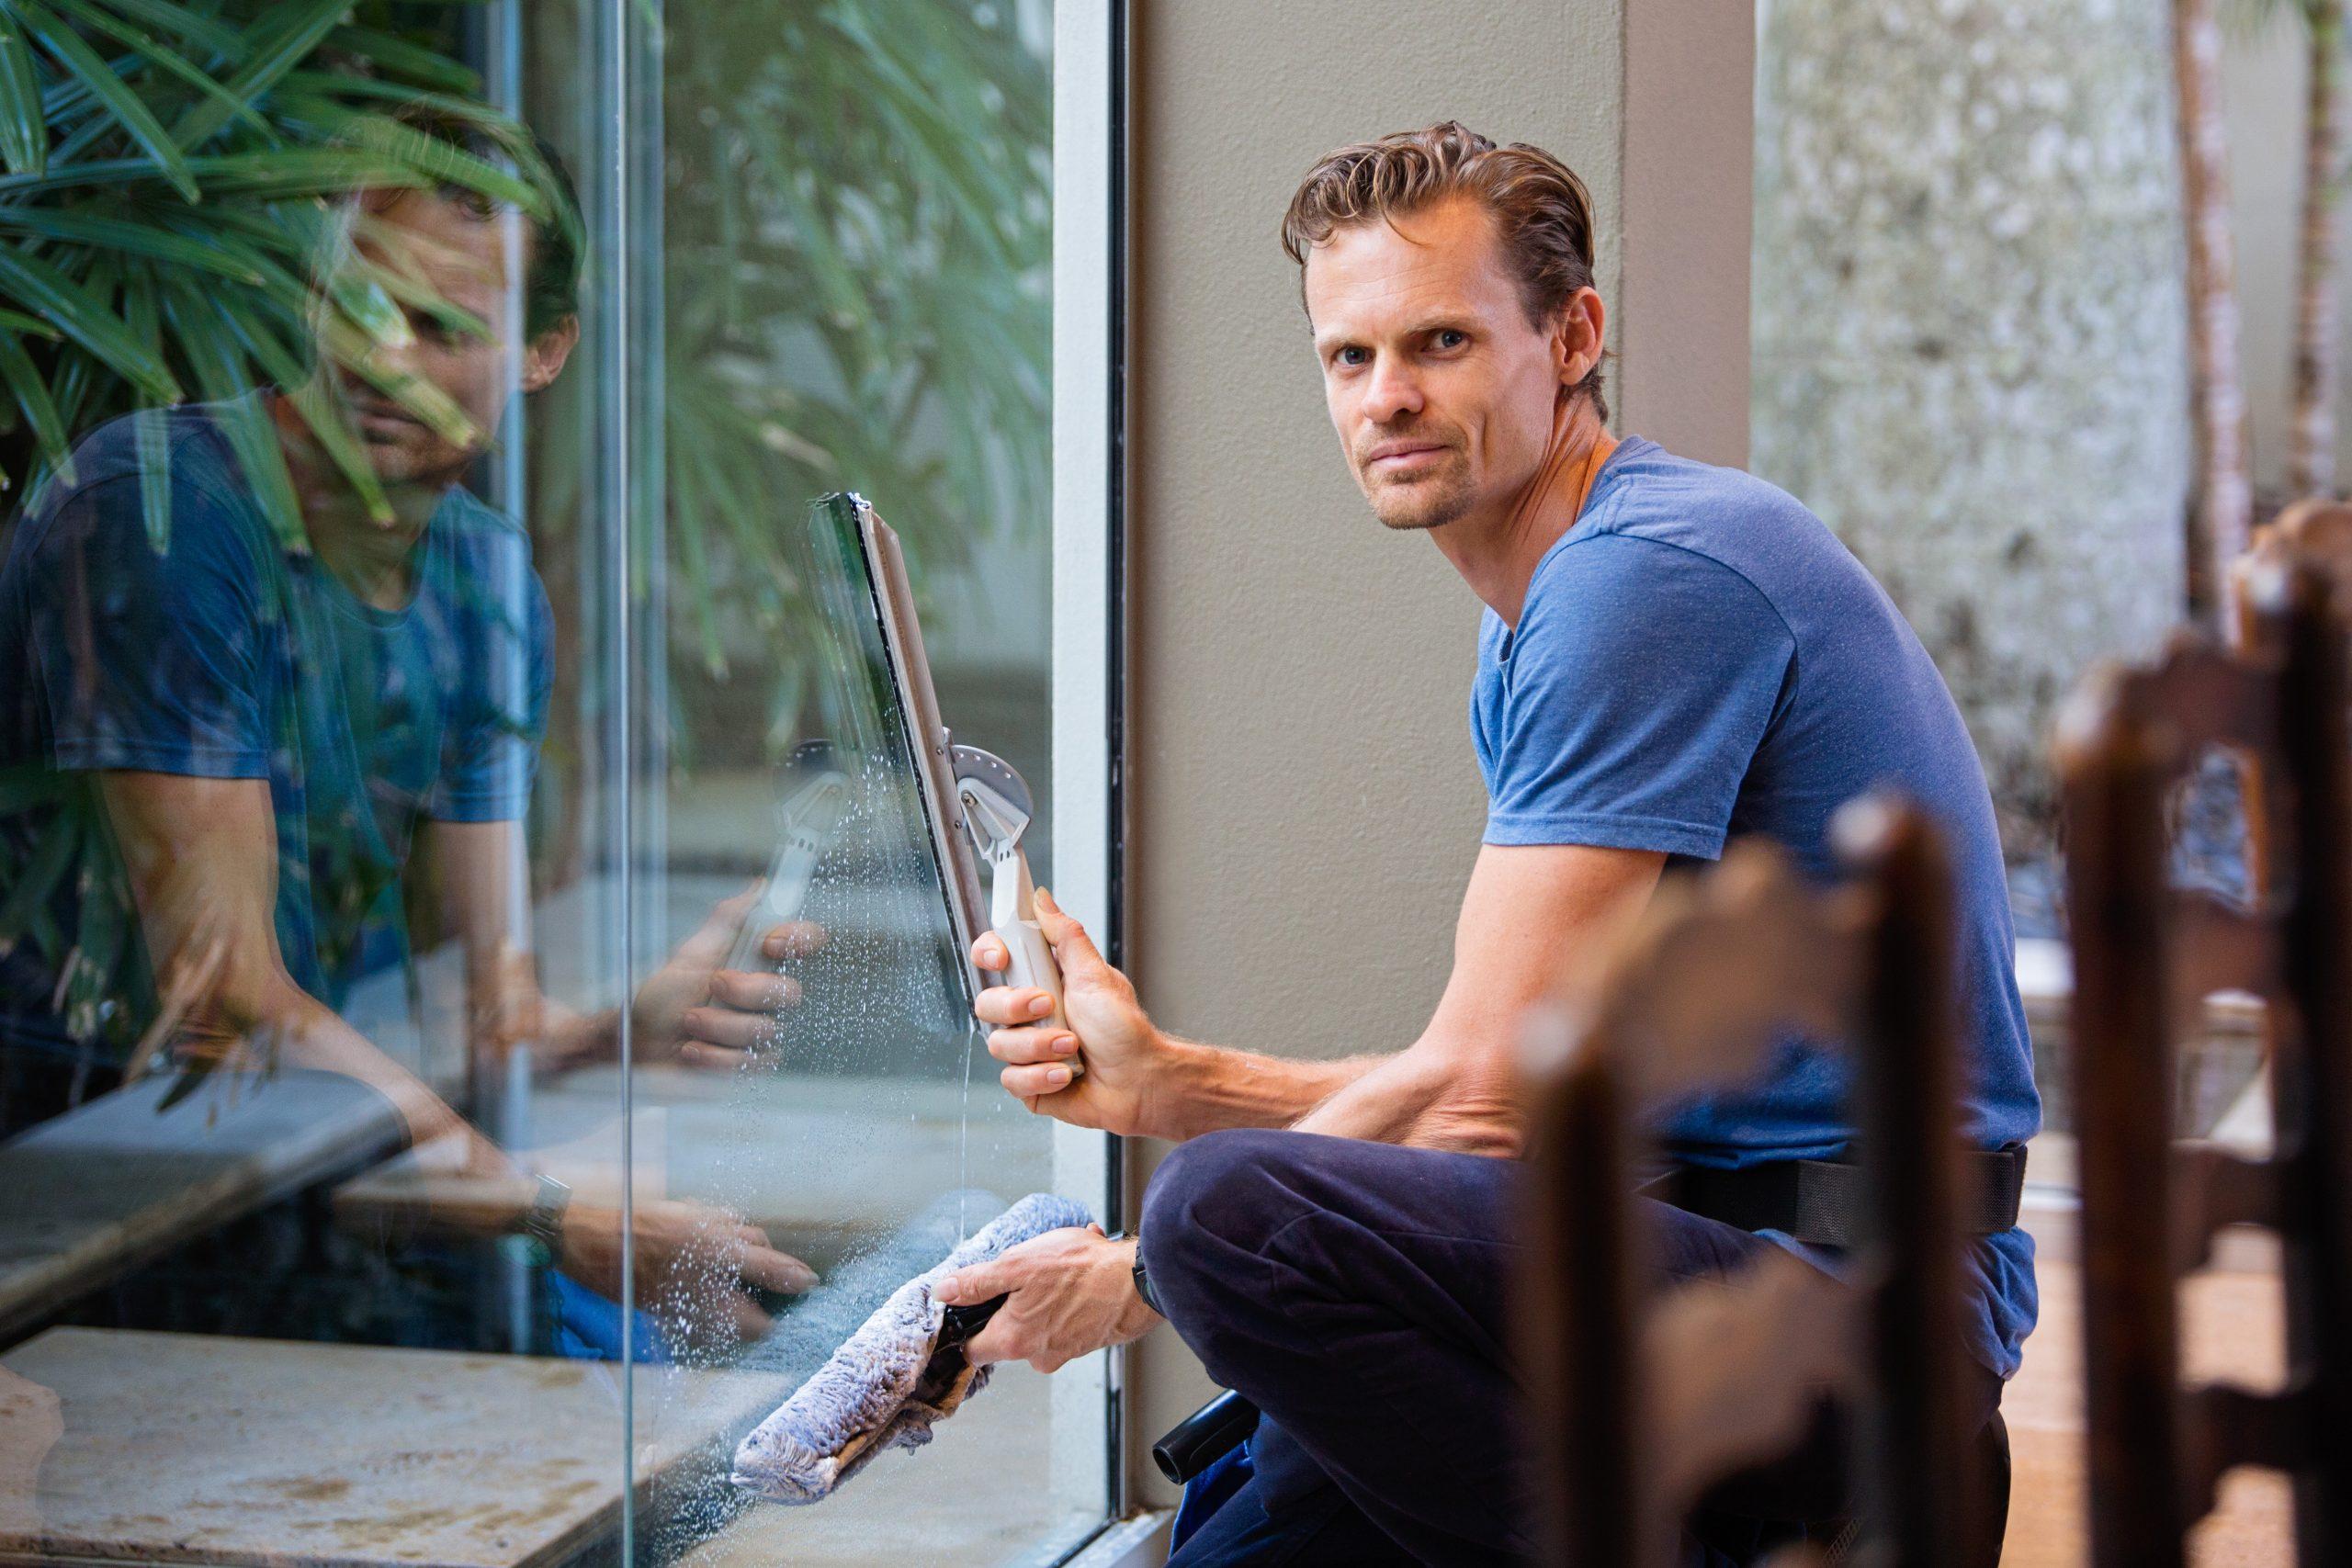 Mann rengjør vinduer